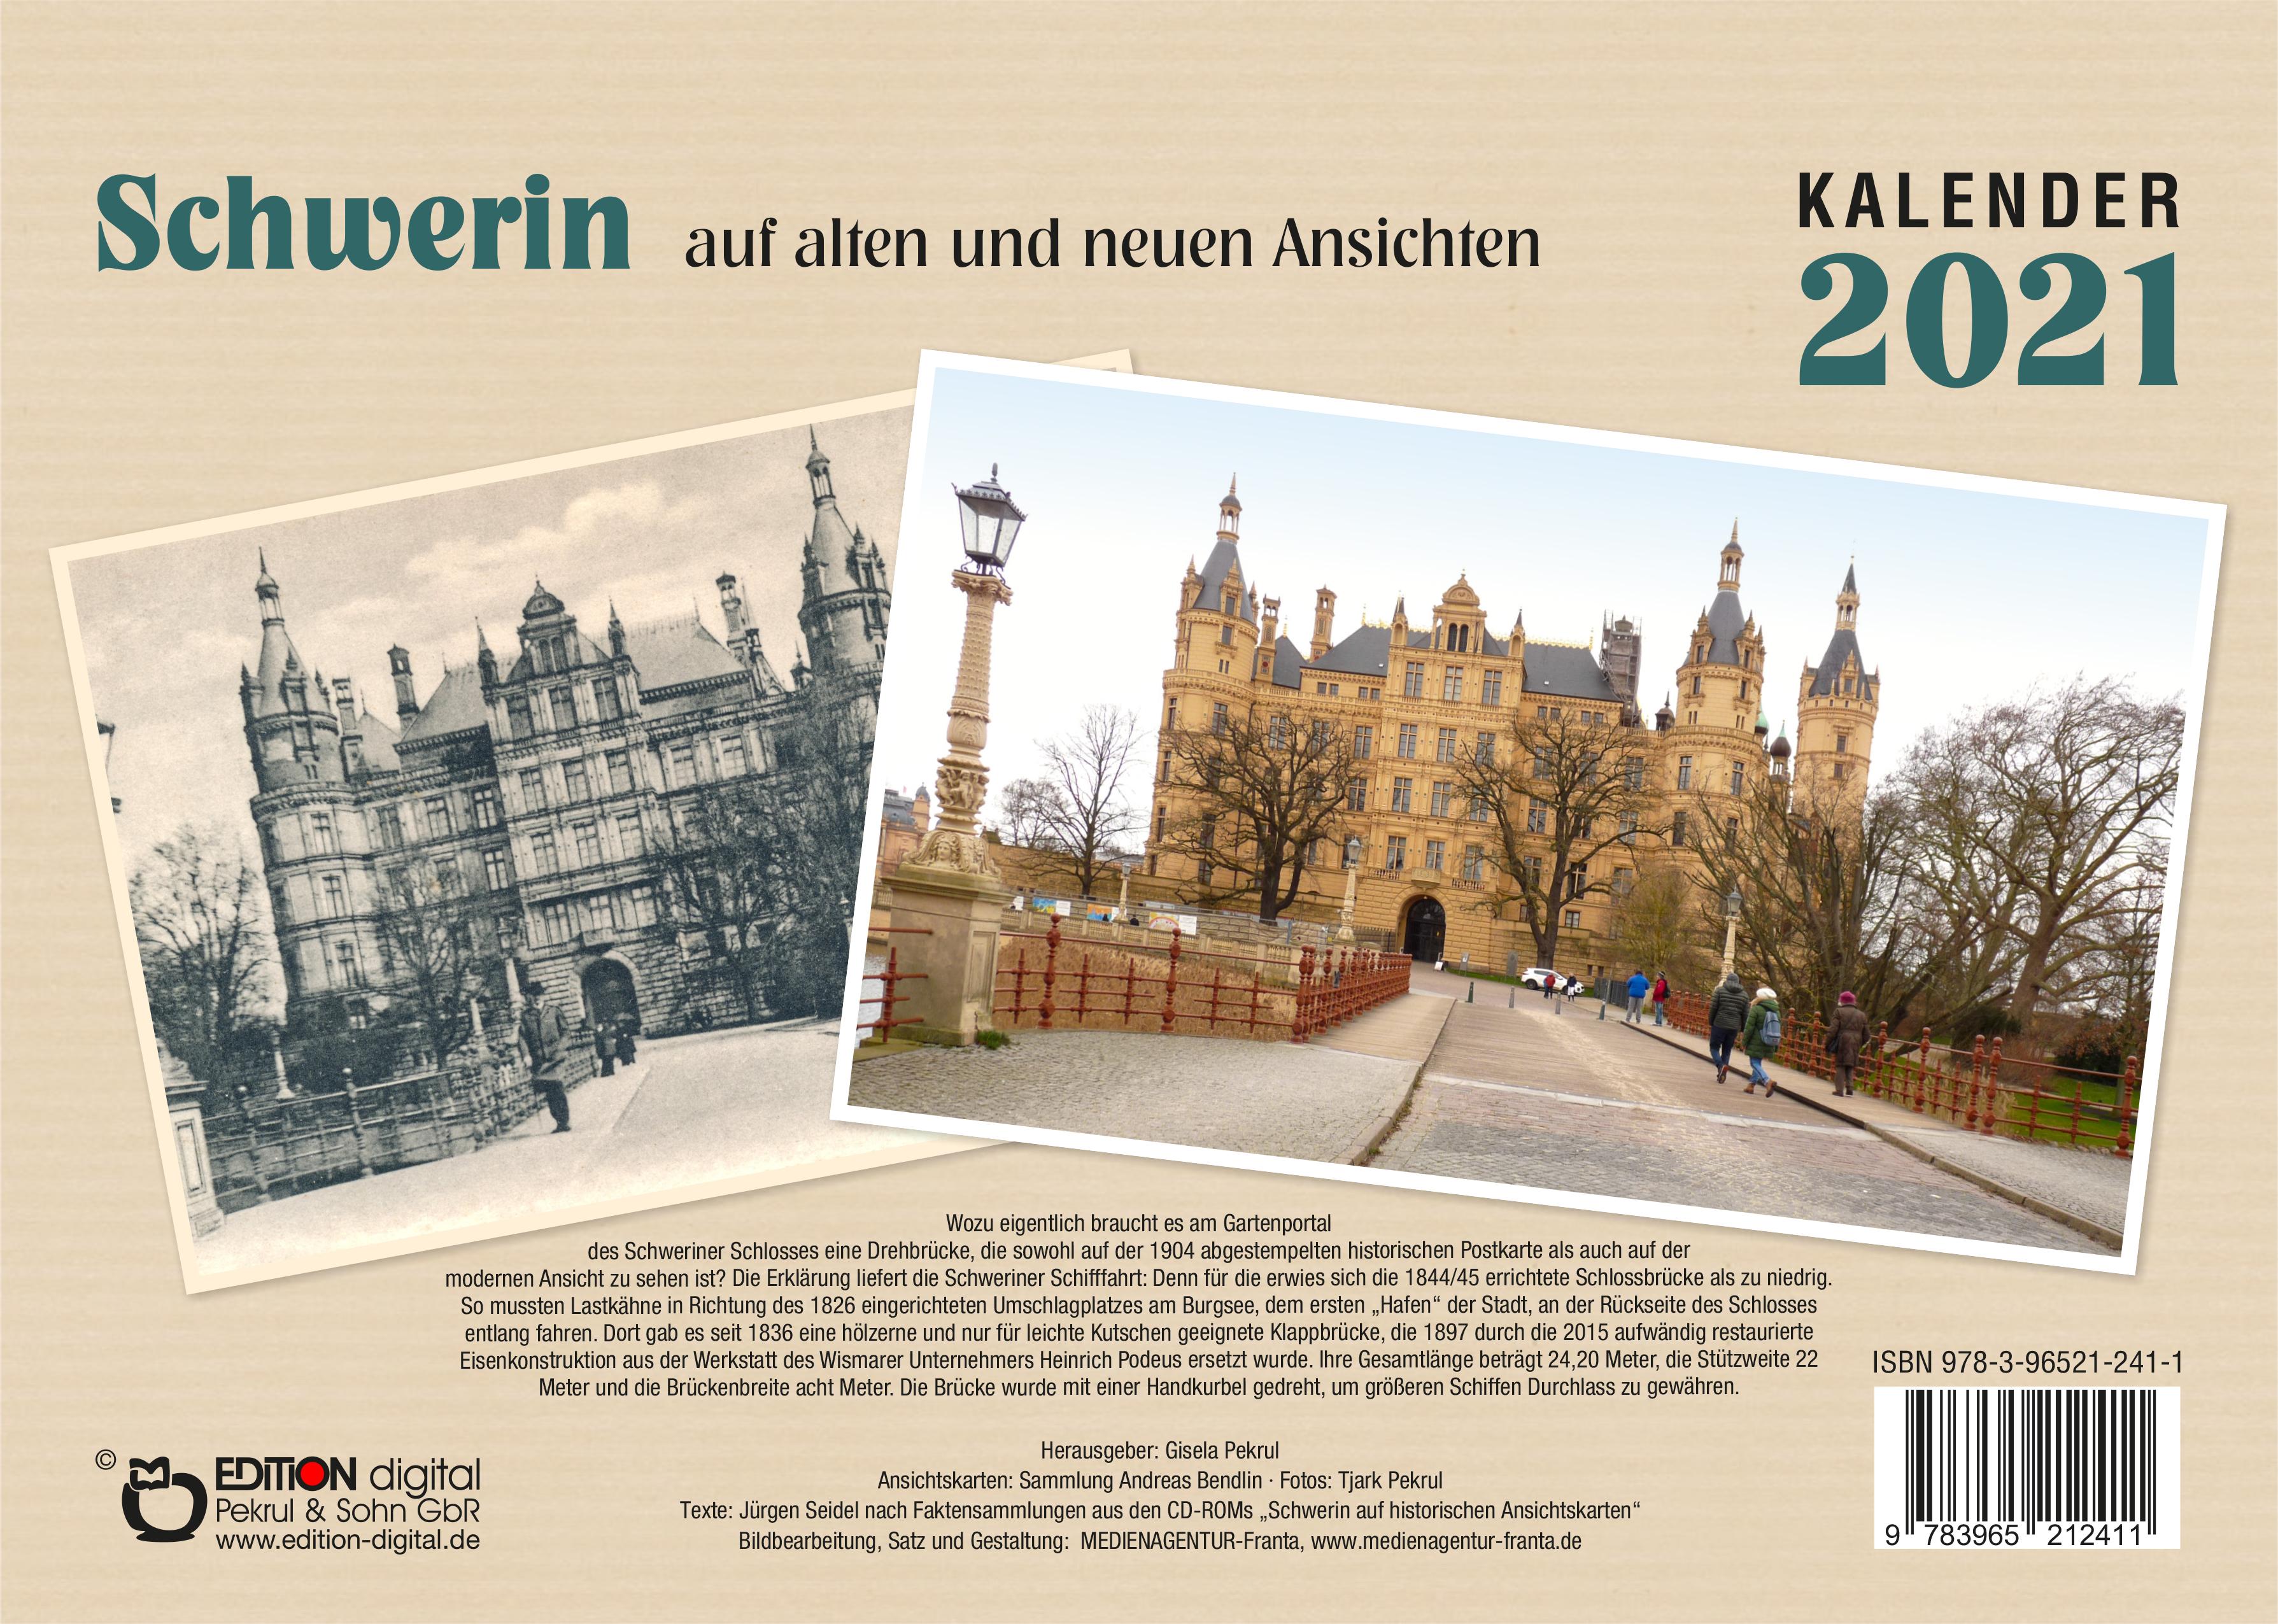 Kalender 2021: Schwerin auf alten und neuen Ansichten von Gisela Pekrul